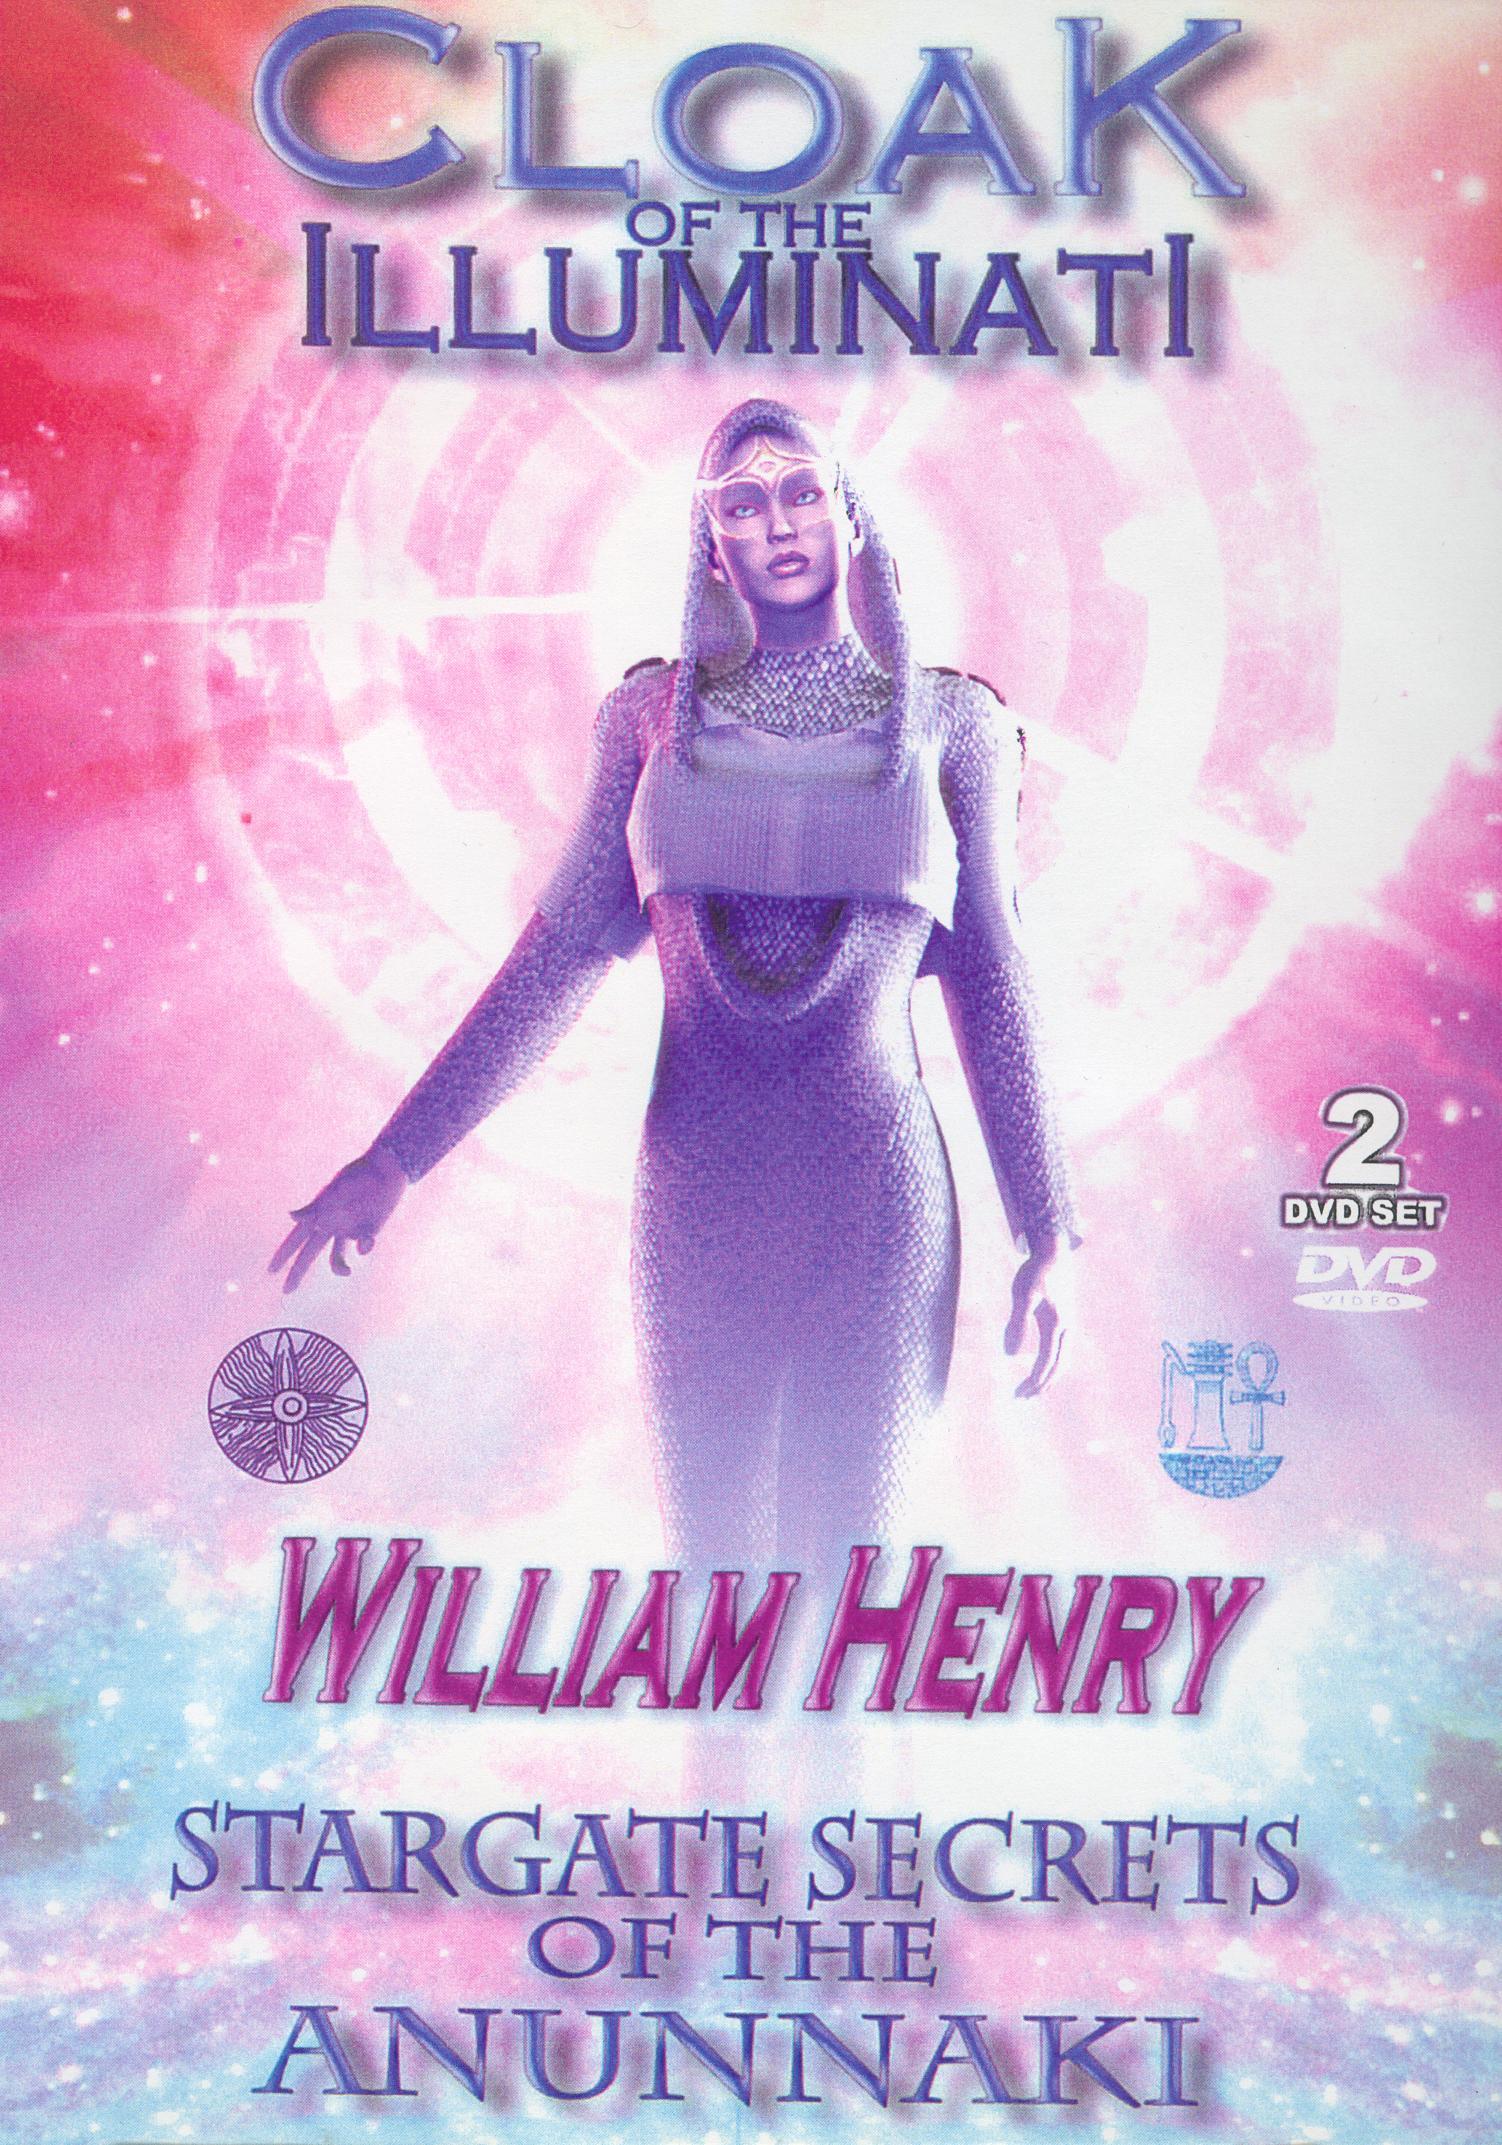 Cloak of the Illuminati: William Henry